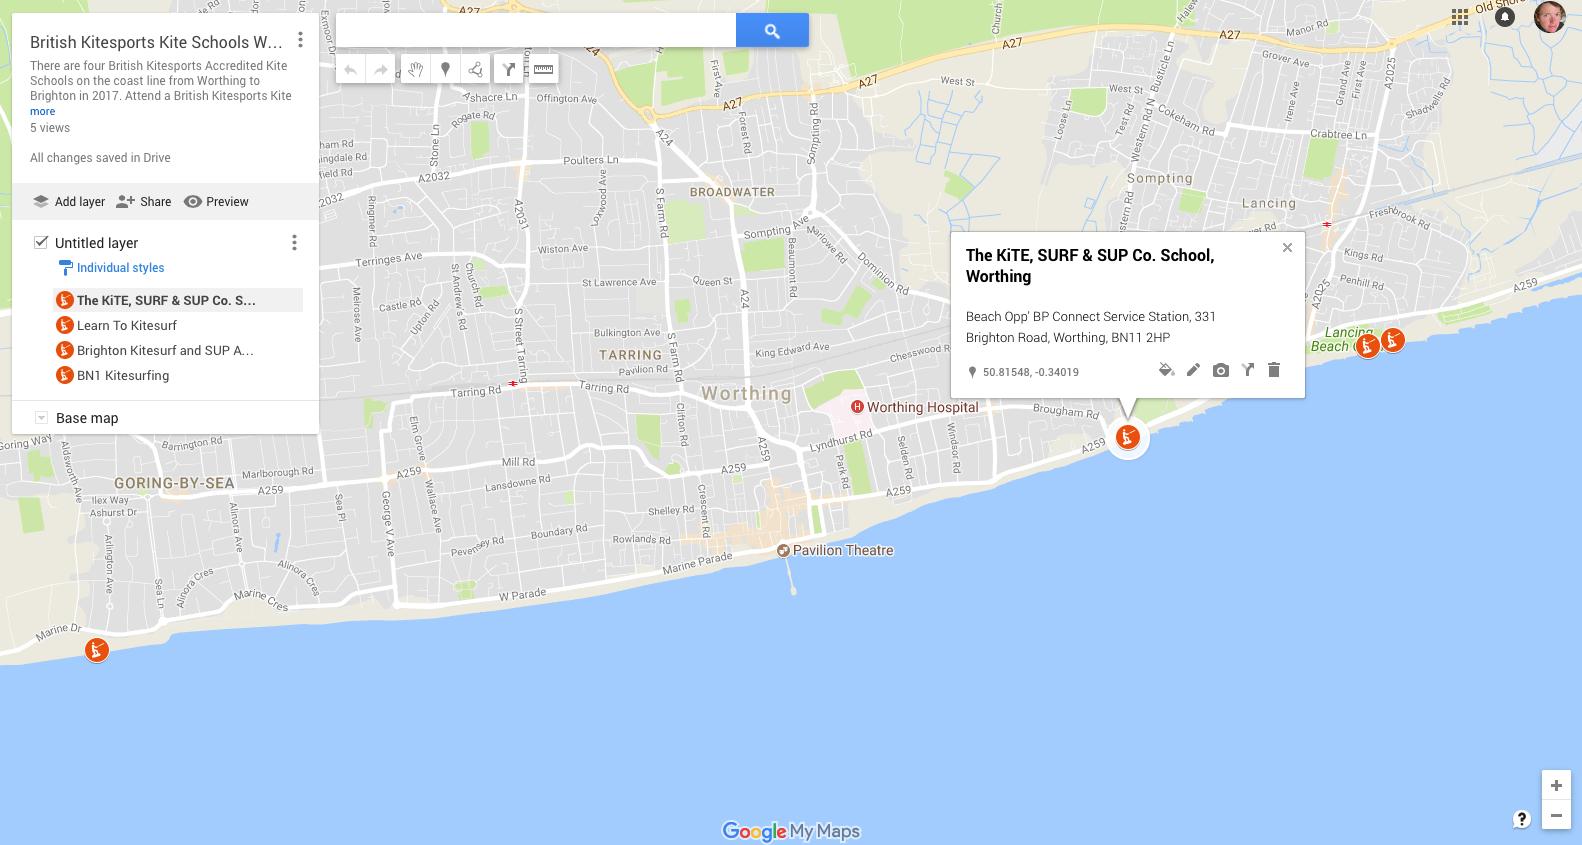 British Kitesports Kite School Brighton to Worthing